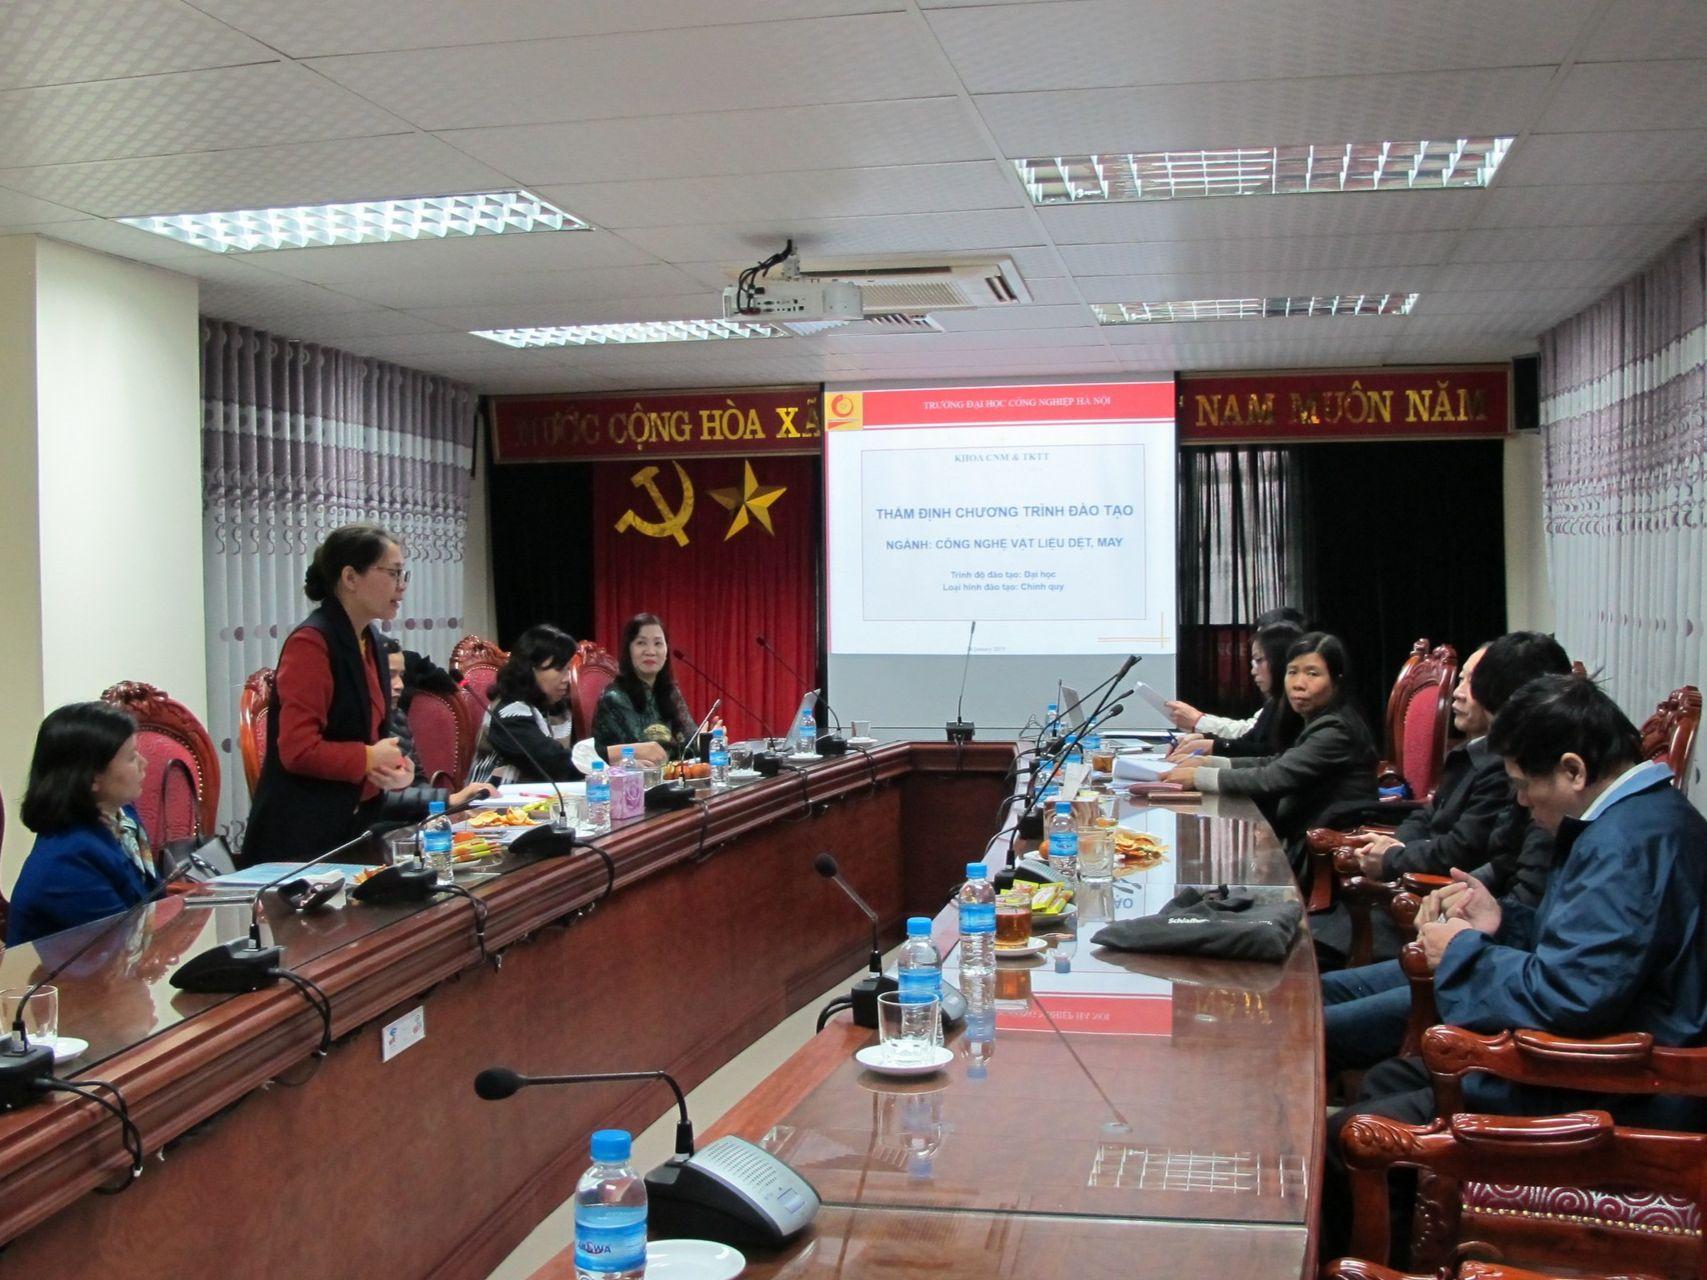 Trường Đại học Công nghiệp Hà Nội mở ngành đào tạo mới: Công nghệ vật liệu dệt, may